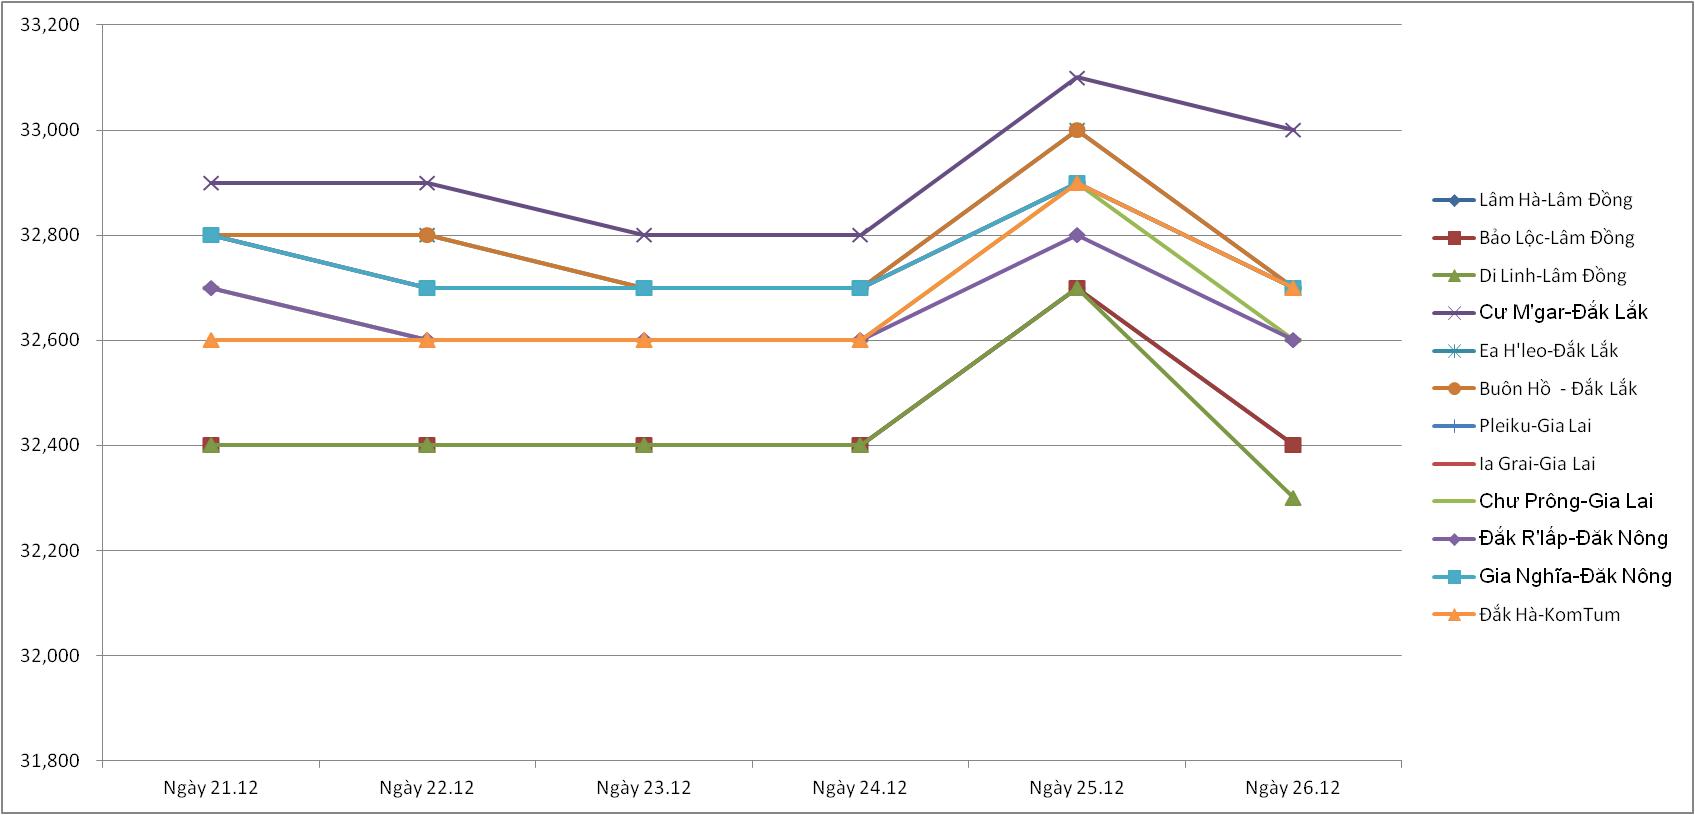 Giá nông sản hôm nay (27/12): Kết thúc một tuần lợn hơi bật tăng ở nhiều địa phương, giá tiêu giảm mạnh - Ảnh 1.